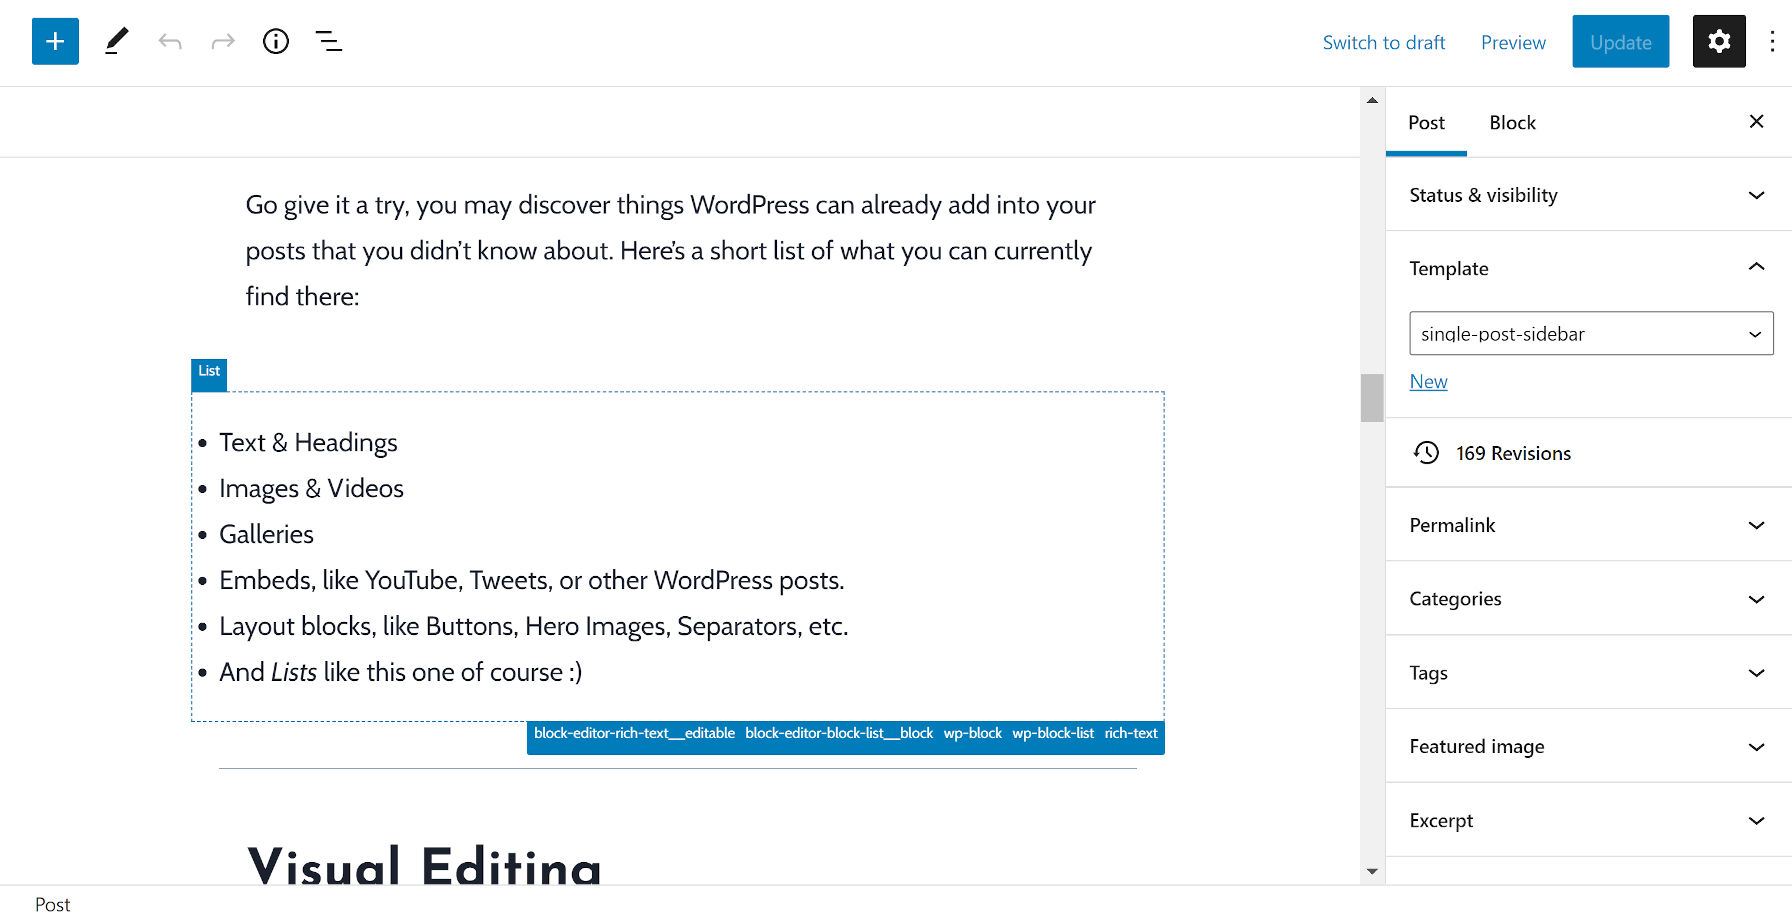 Affichage d'un bloc de liste dans l'éditeur où le remplissage du plugin Wayfinder le désaligne.